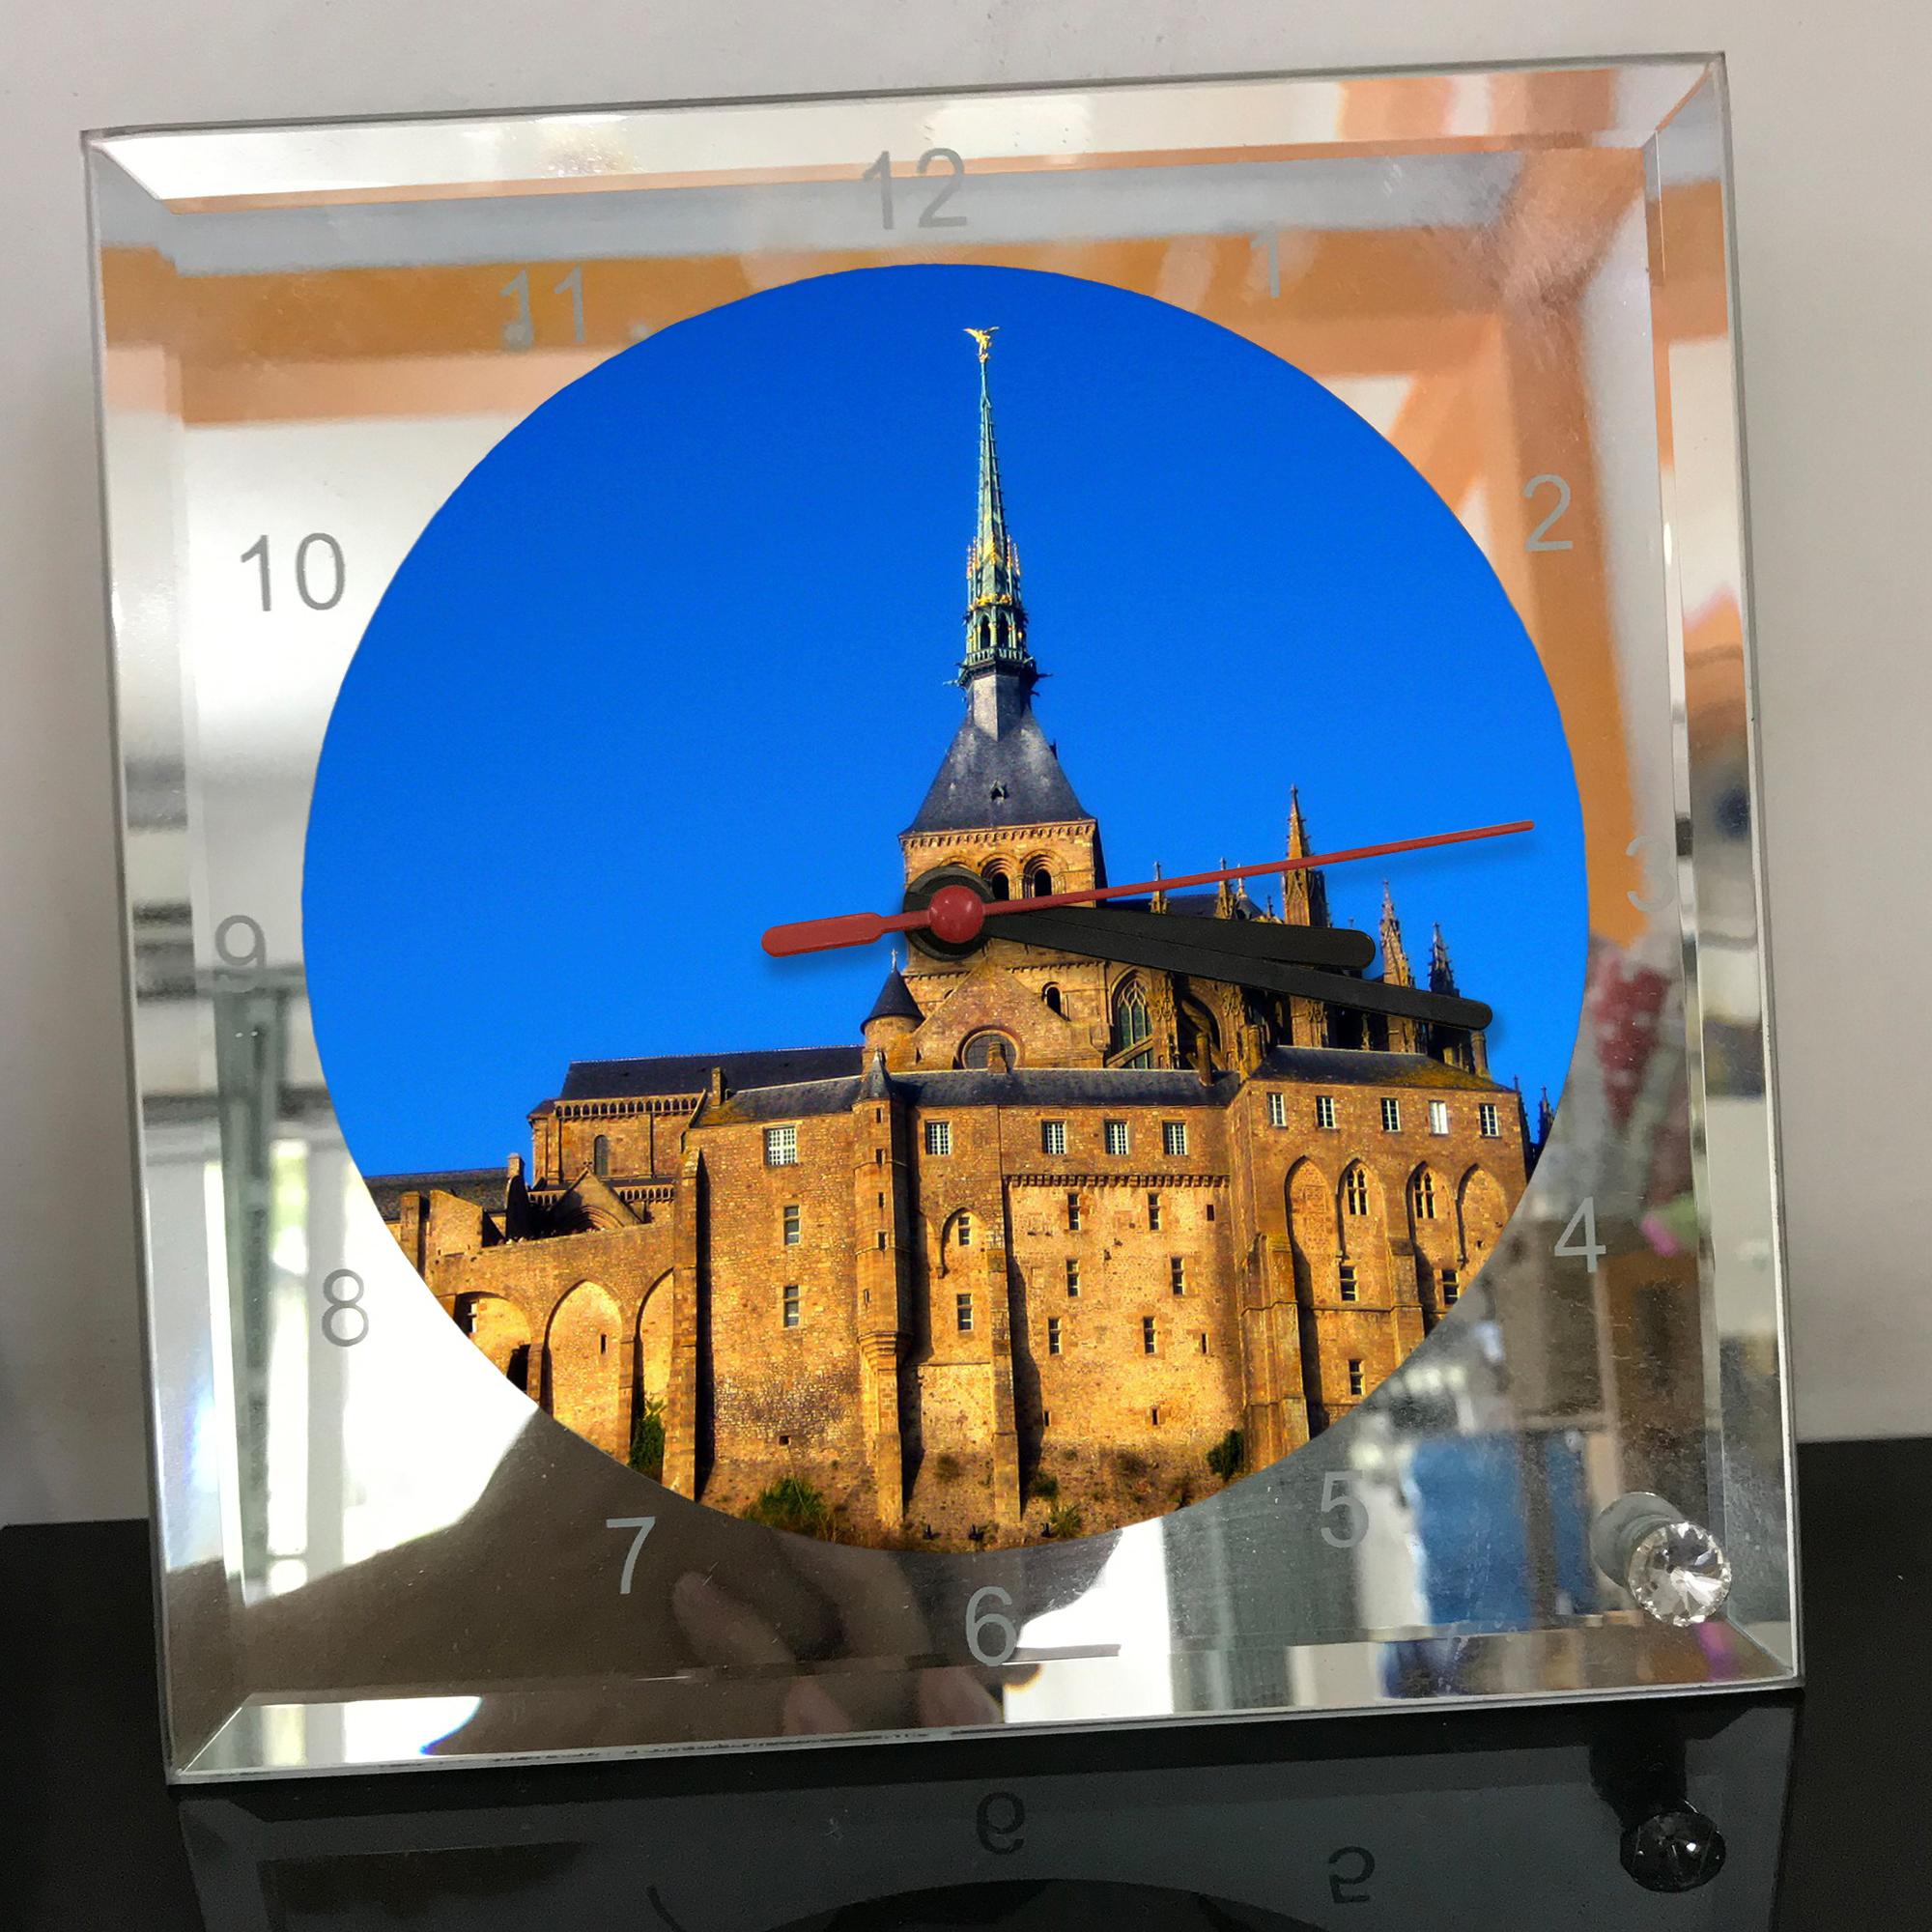 Đồng hồ thủy tinh vuông 20x20 in hình tu viện Mont Saint-Michel (46) . Đồng hồ thủy tinh để bàn trang trí đẹp chủ đề tôn giáo